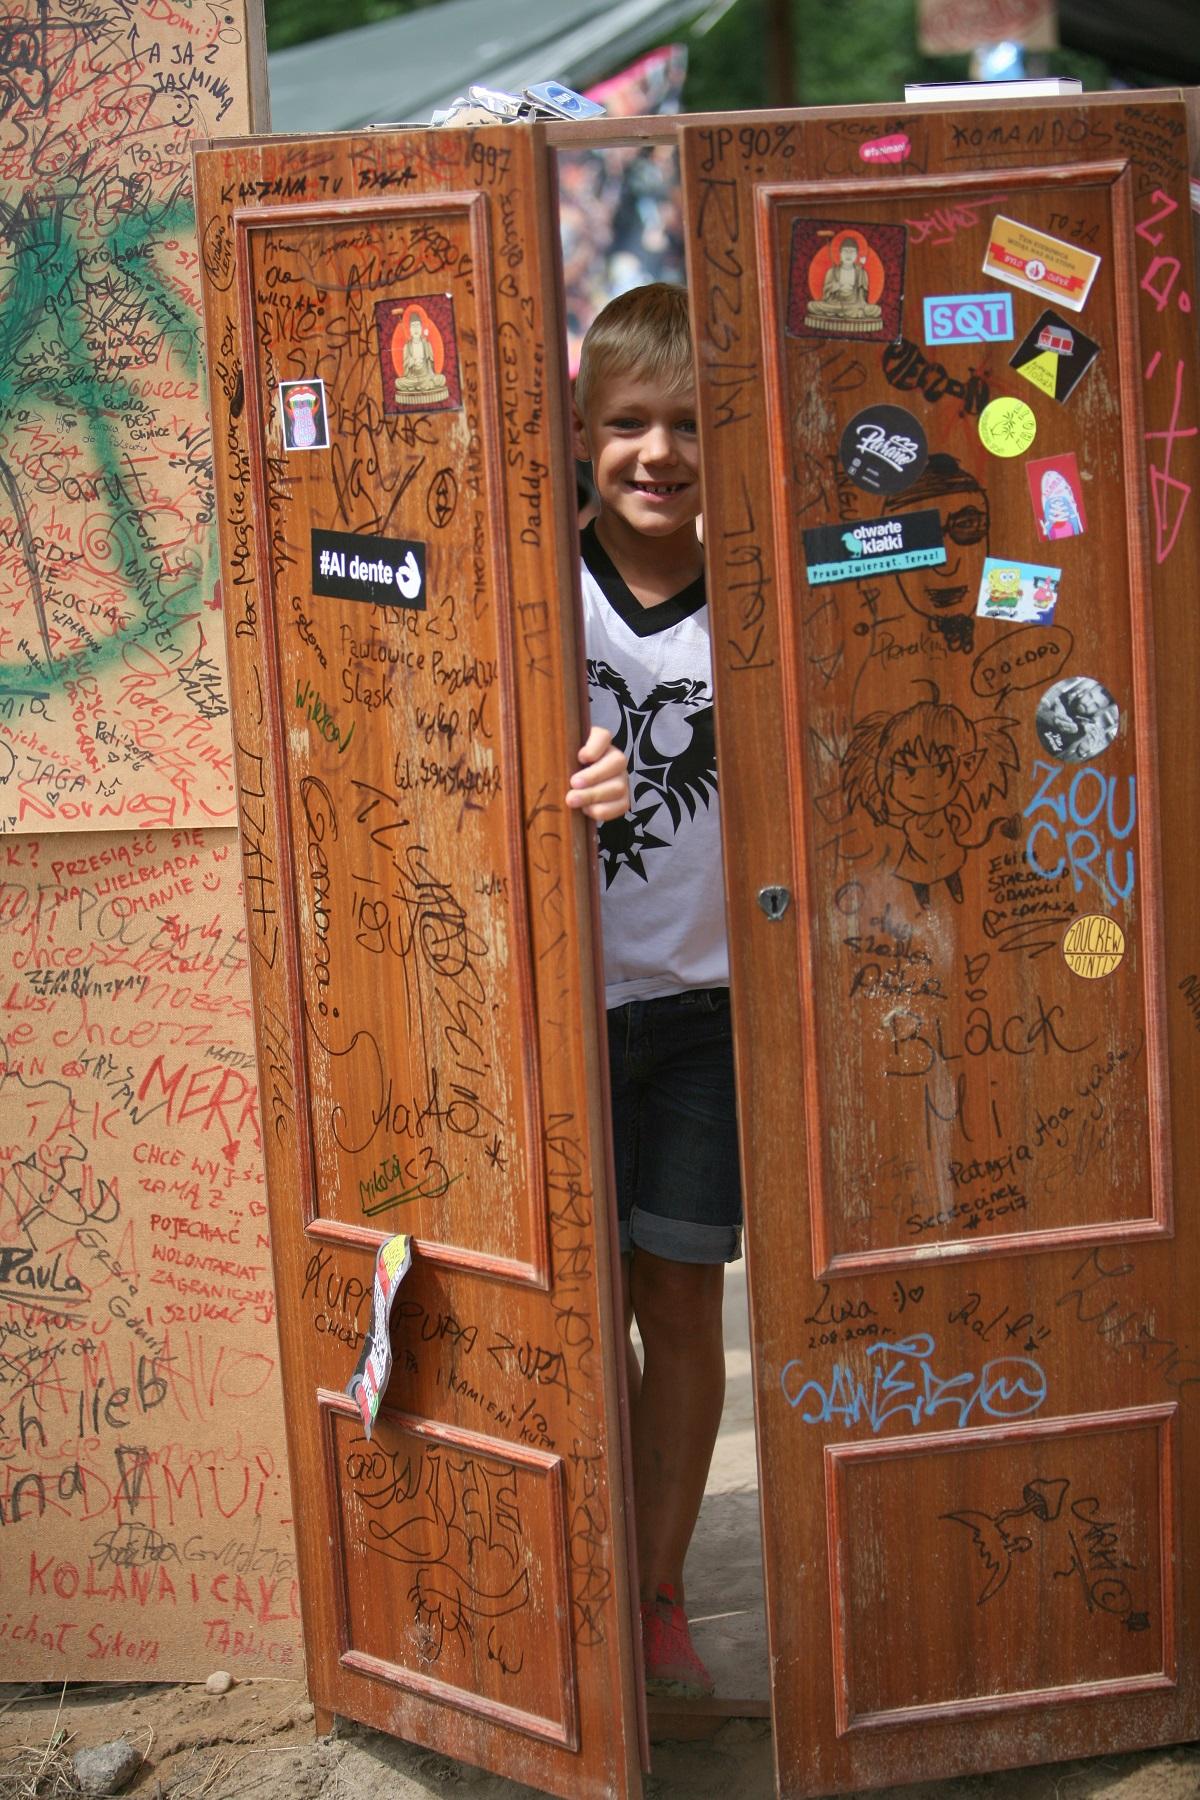 Woodstock z dziećmi 2017